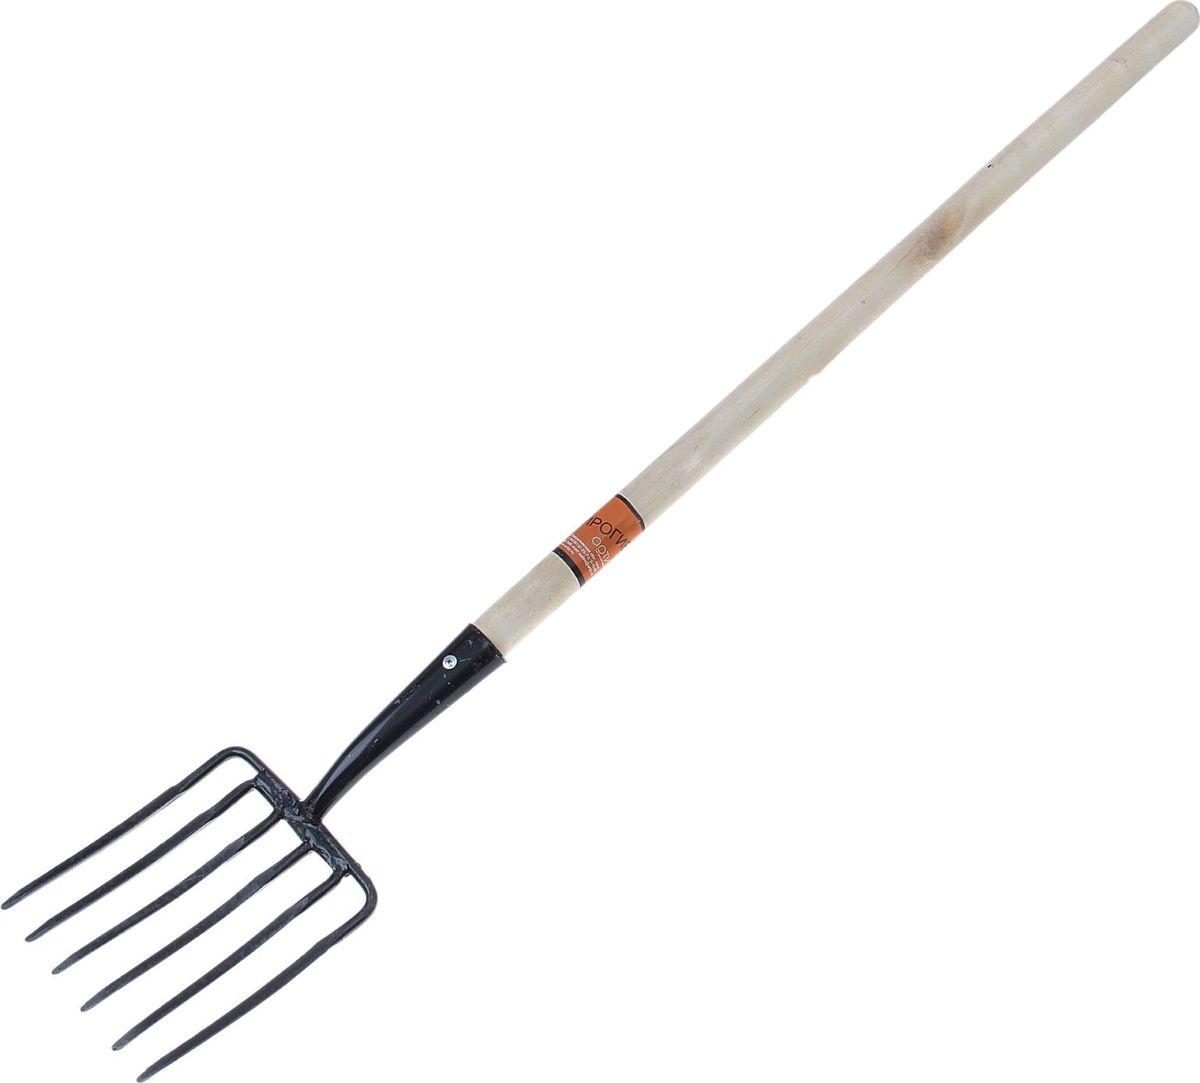 Вилы Арти, с черенком, длина 134 см508661Шестирогие вилы Арти с прямыми зубцами, покрытыми антикоррозионным составом, используют для земельных работ в огороде.Почему многие садоводы предпочитают копать таким инструментом, а не лопатой?Вилы легче благодаря своей конструкции. Вы меньше устанете и больше успеете сделать.При вскапывании данное приспособление не разрезает корни сорняков на части, оно достаточно легко отделяется от земли.Вилы не повреждают дождевых червей, которые способствуют естественной аэрации почвы.Таким инструментом удобно перекапывать плодово-ягодные культуры, не разрушая корни. Влажная земля не налипает вилы, как на лопату, и не утяжеляет их.При выкапывании картофеля данный инструмент не повреждает урожай. Грунт просеивается между зубьями. Клубни можно сразу складывать в тачку, а не выбирать руками из земли.В комплект входит деревянный черенок. Он прочный, лёгкий и долговечный.По окончании использования очистите рабочую часть инструмента от остатков грунта. Храните в закрытом помещении.